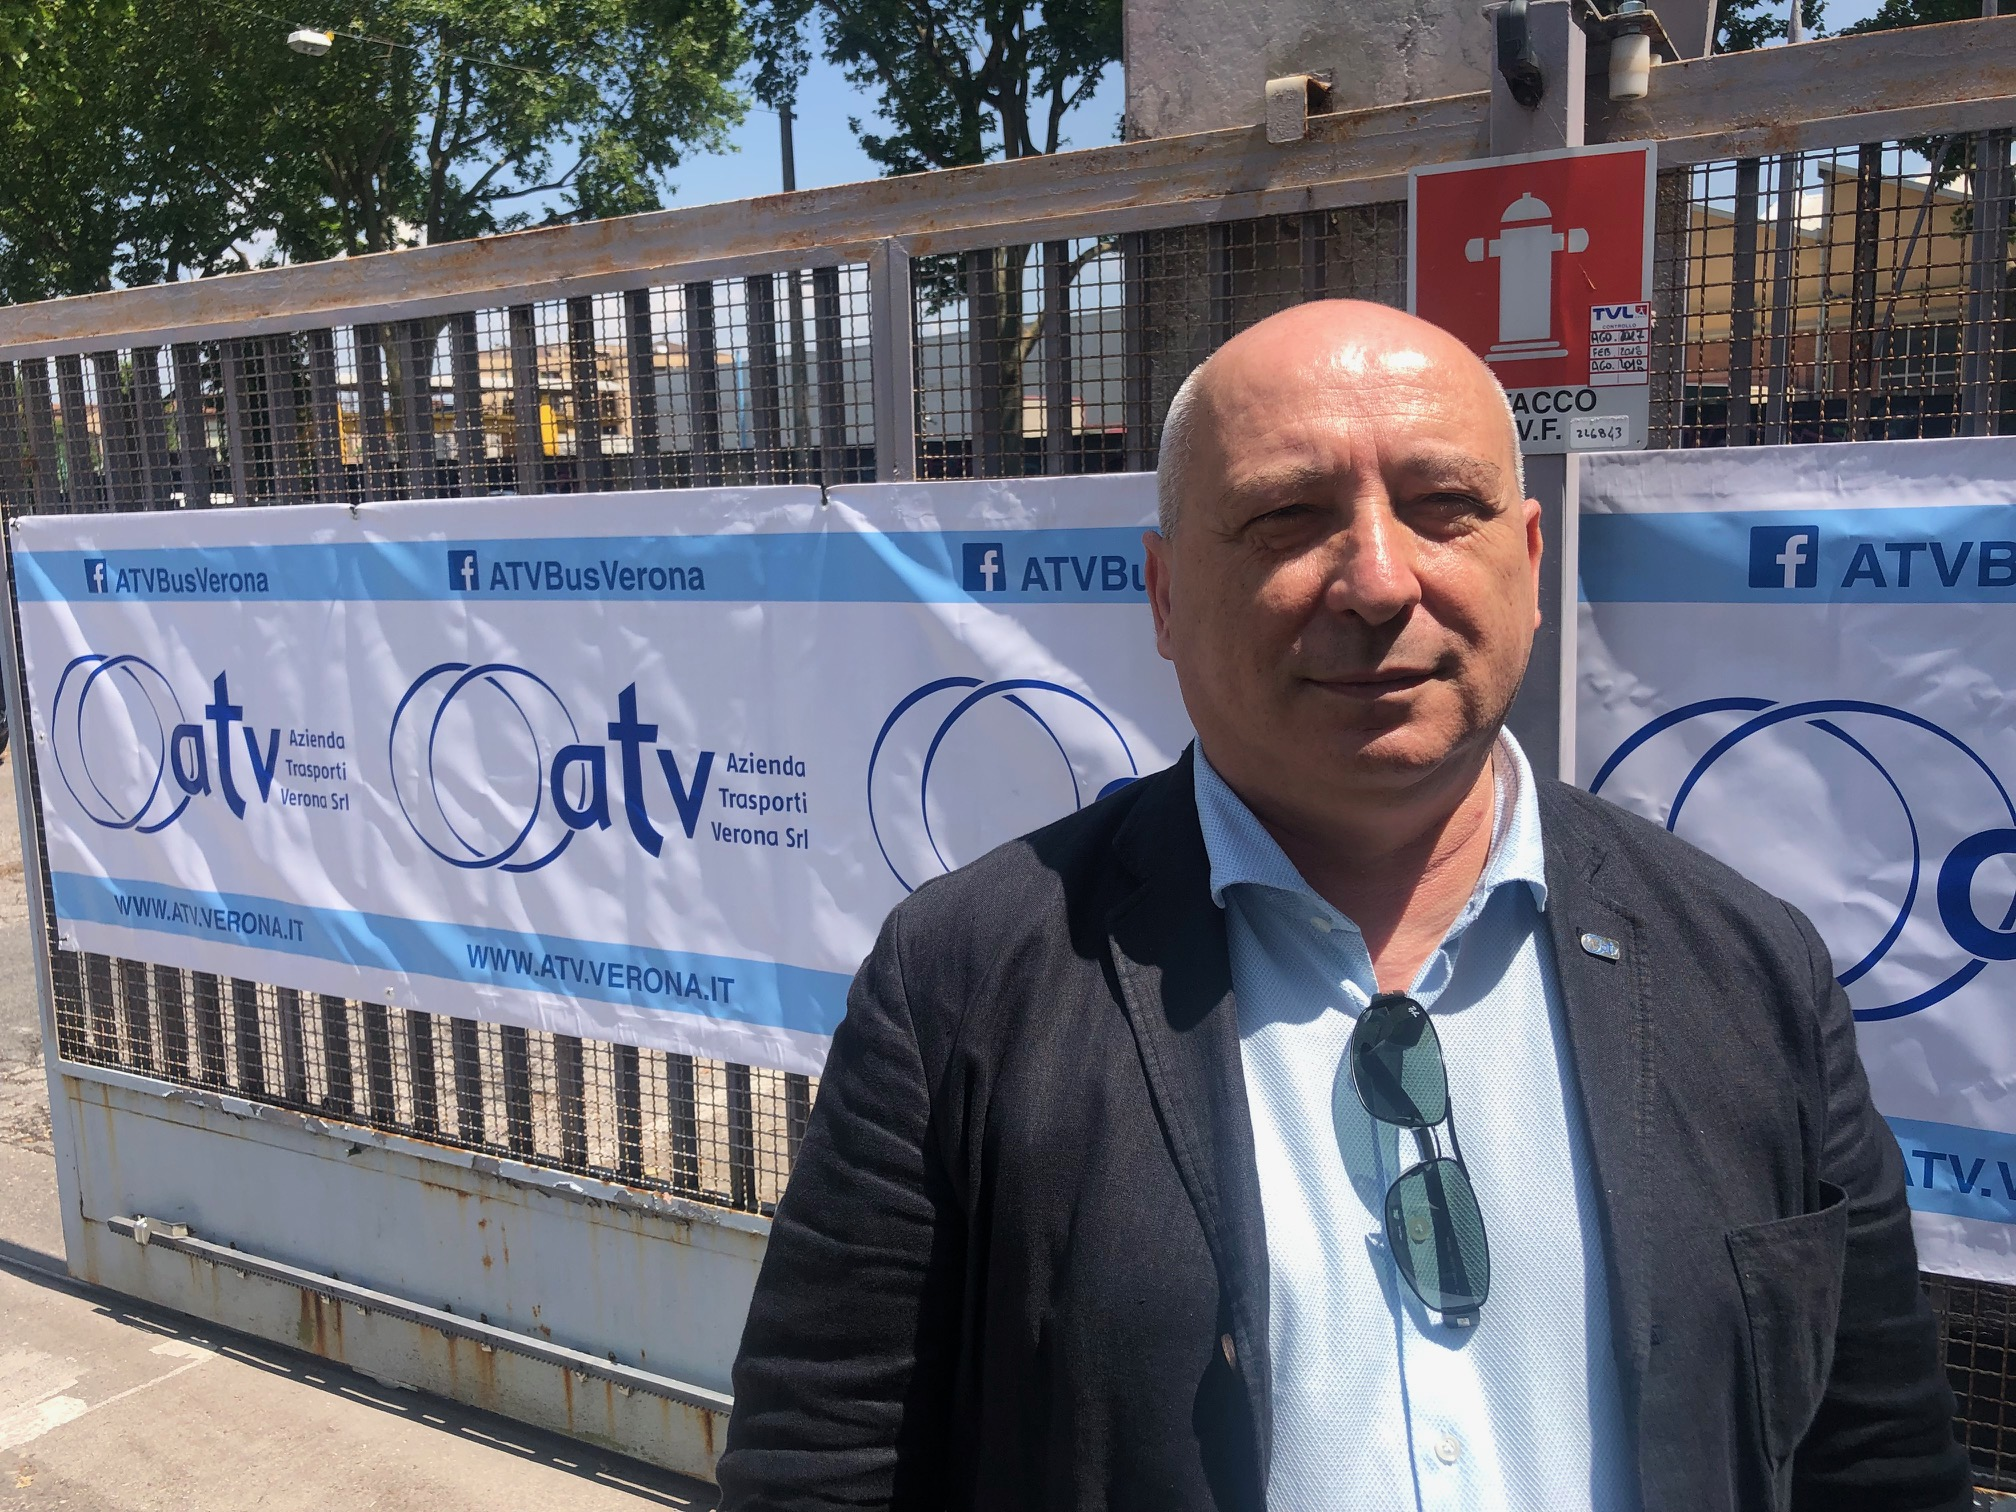 Massimo Bettarello